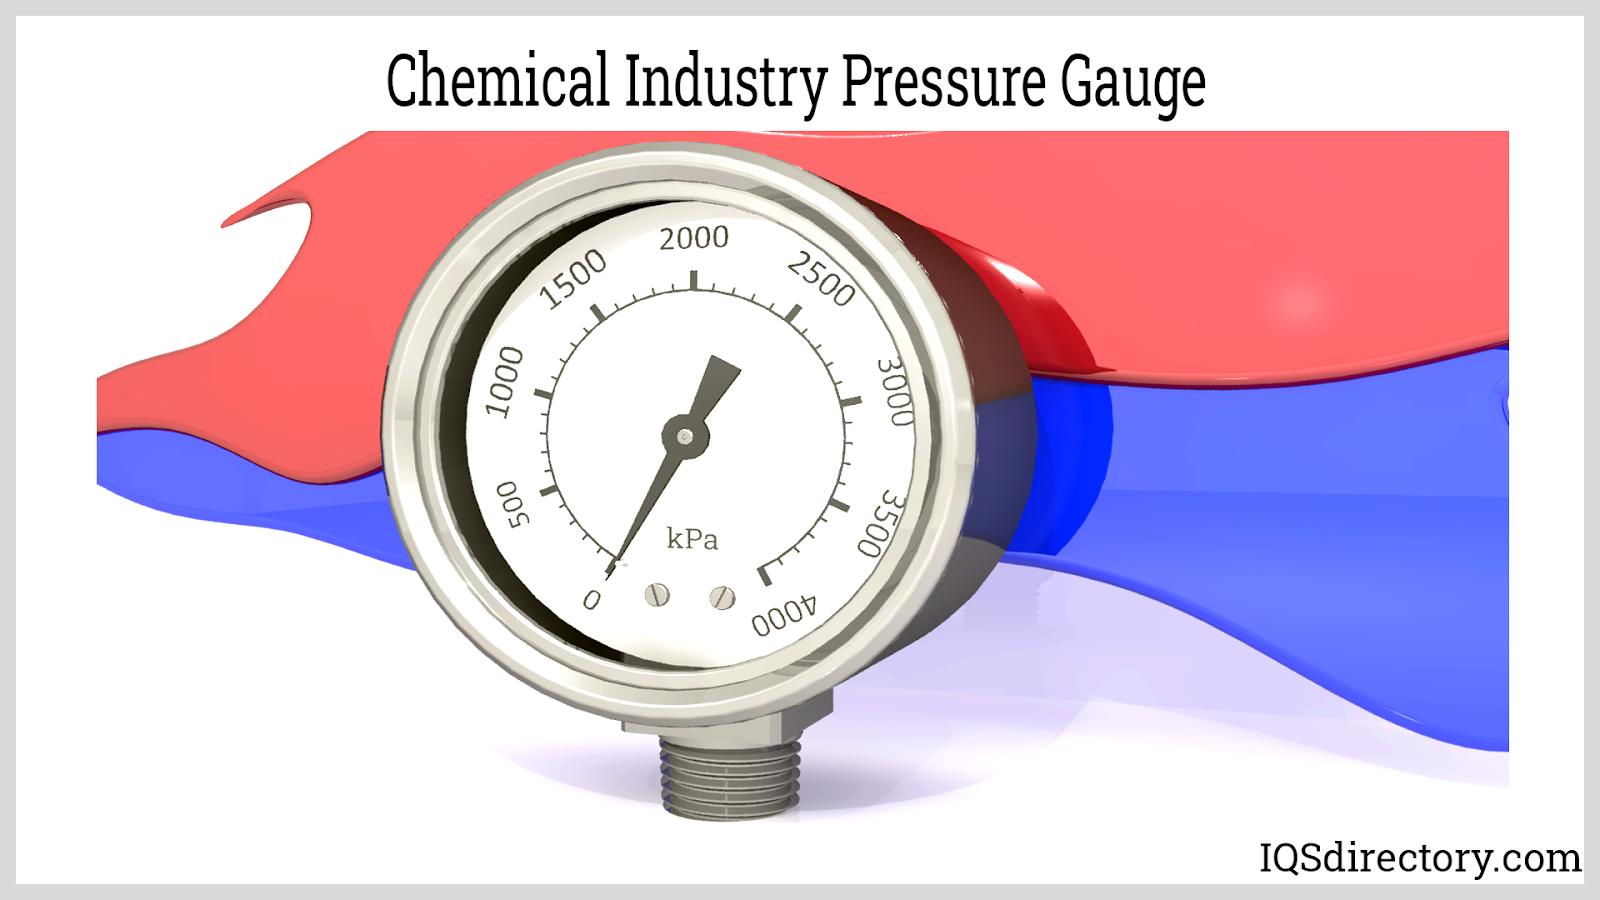 Chemical Industry Pressure Gauge